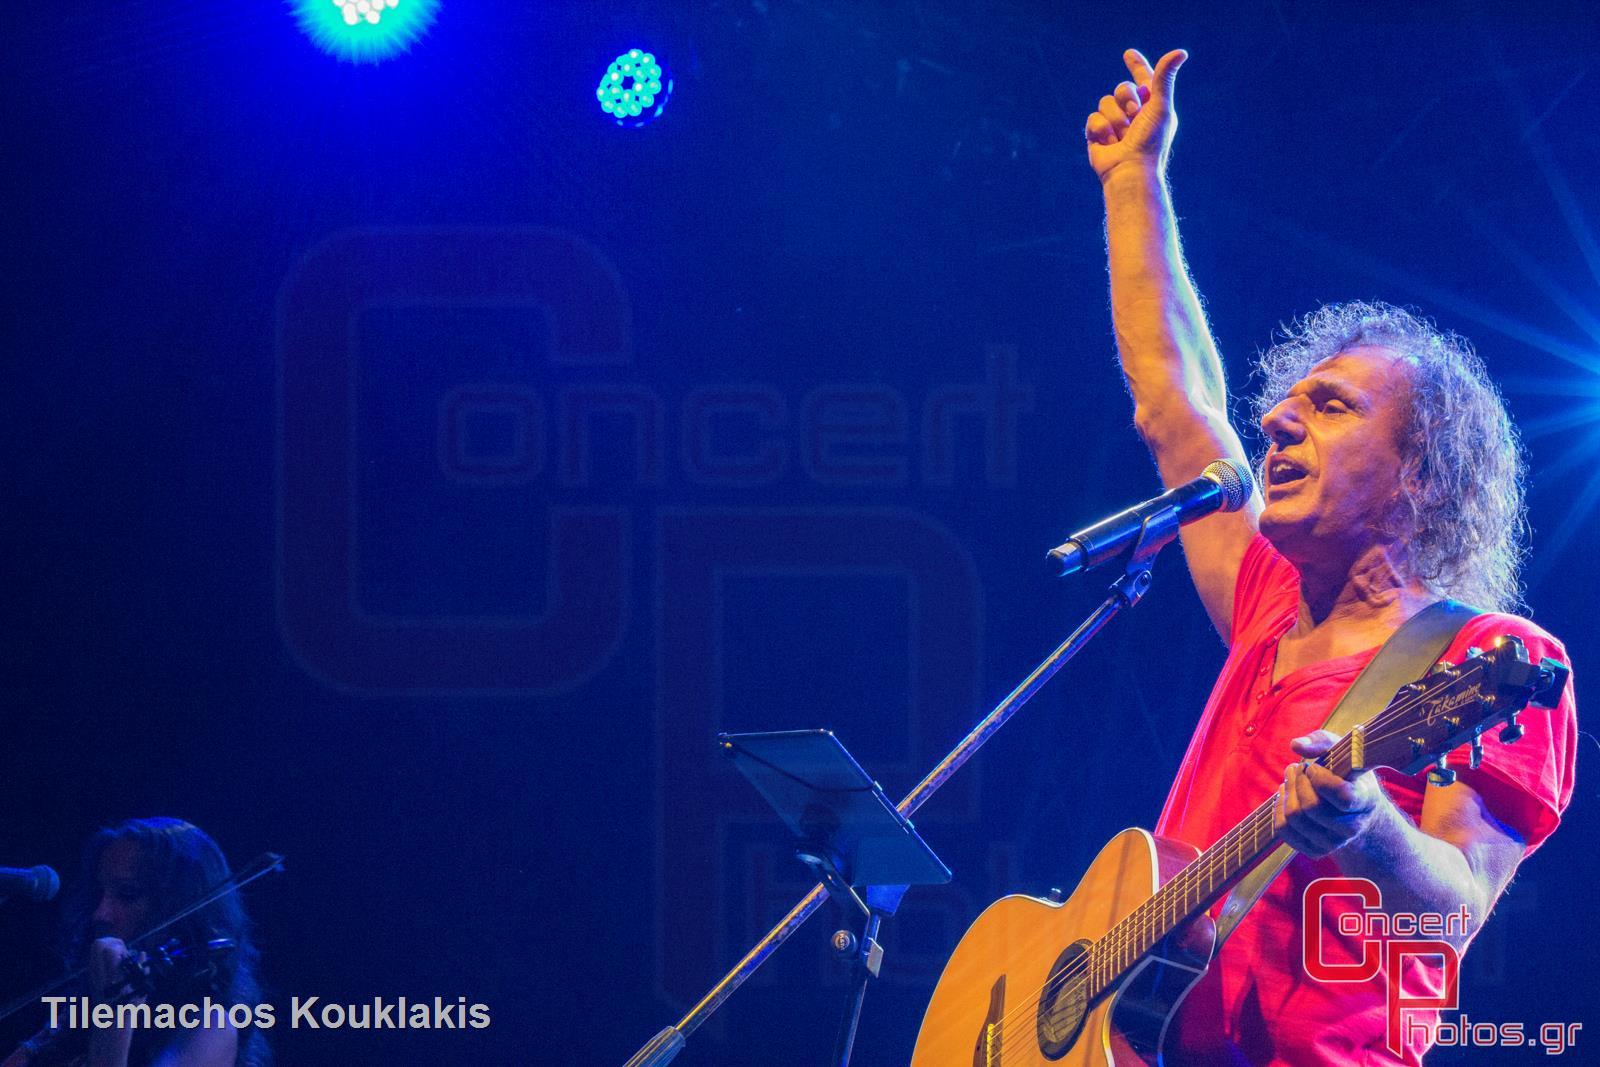 Βασίλης Παπακωνσταντίνου - 40 Χρόνια Έφηβος-Vasilis Papakonstantinou 40 Chronia Efivos photographer: Tilemachos Kouklakis - concertphotos_-4524